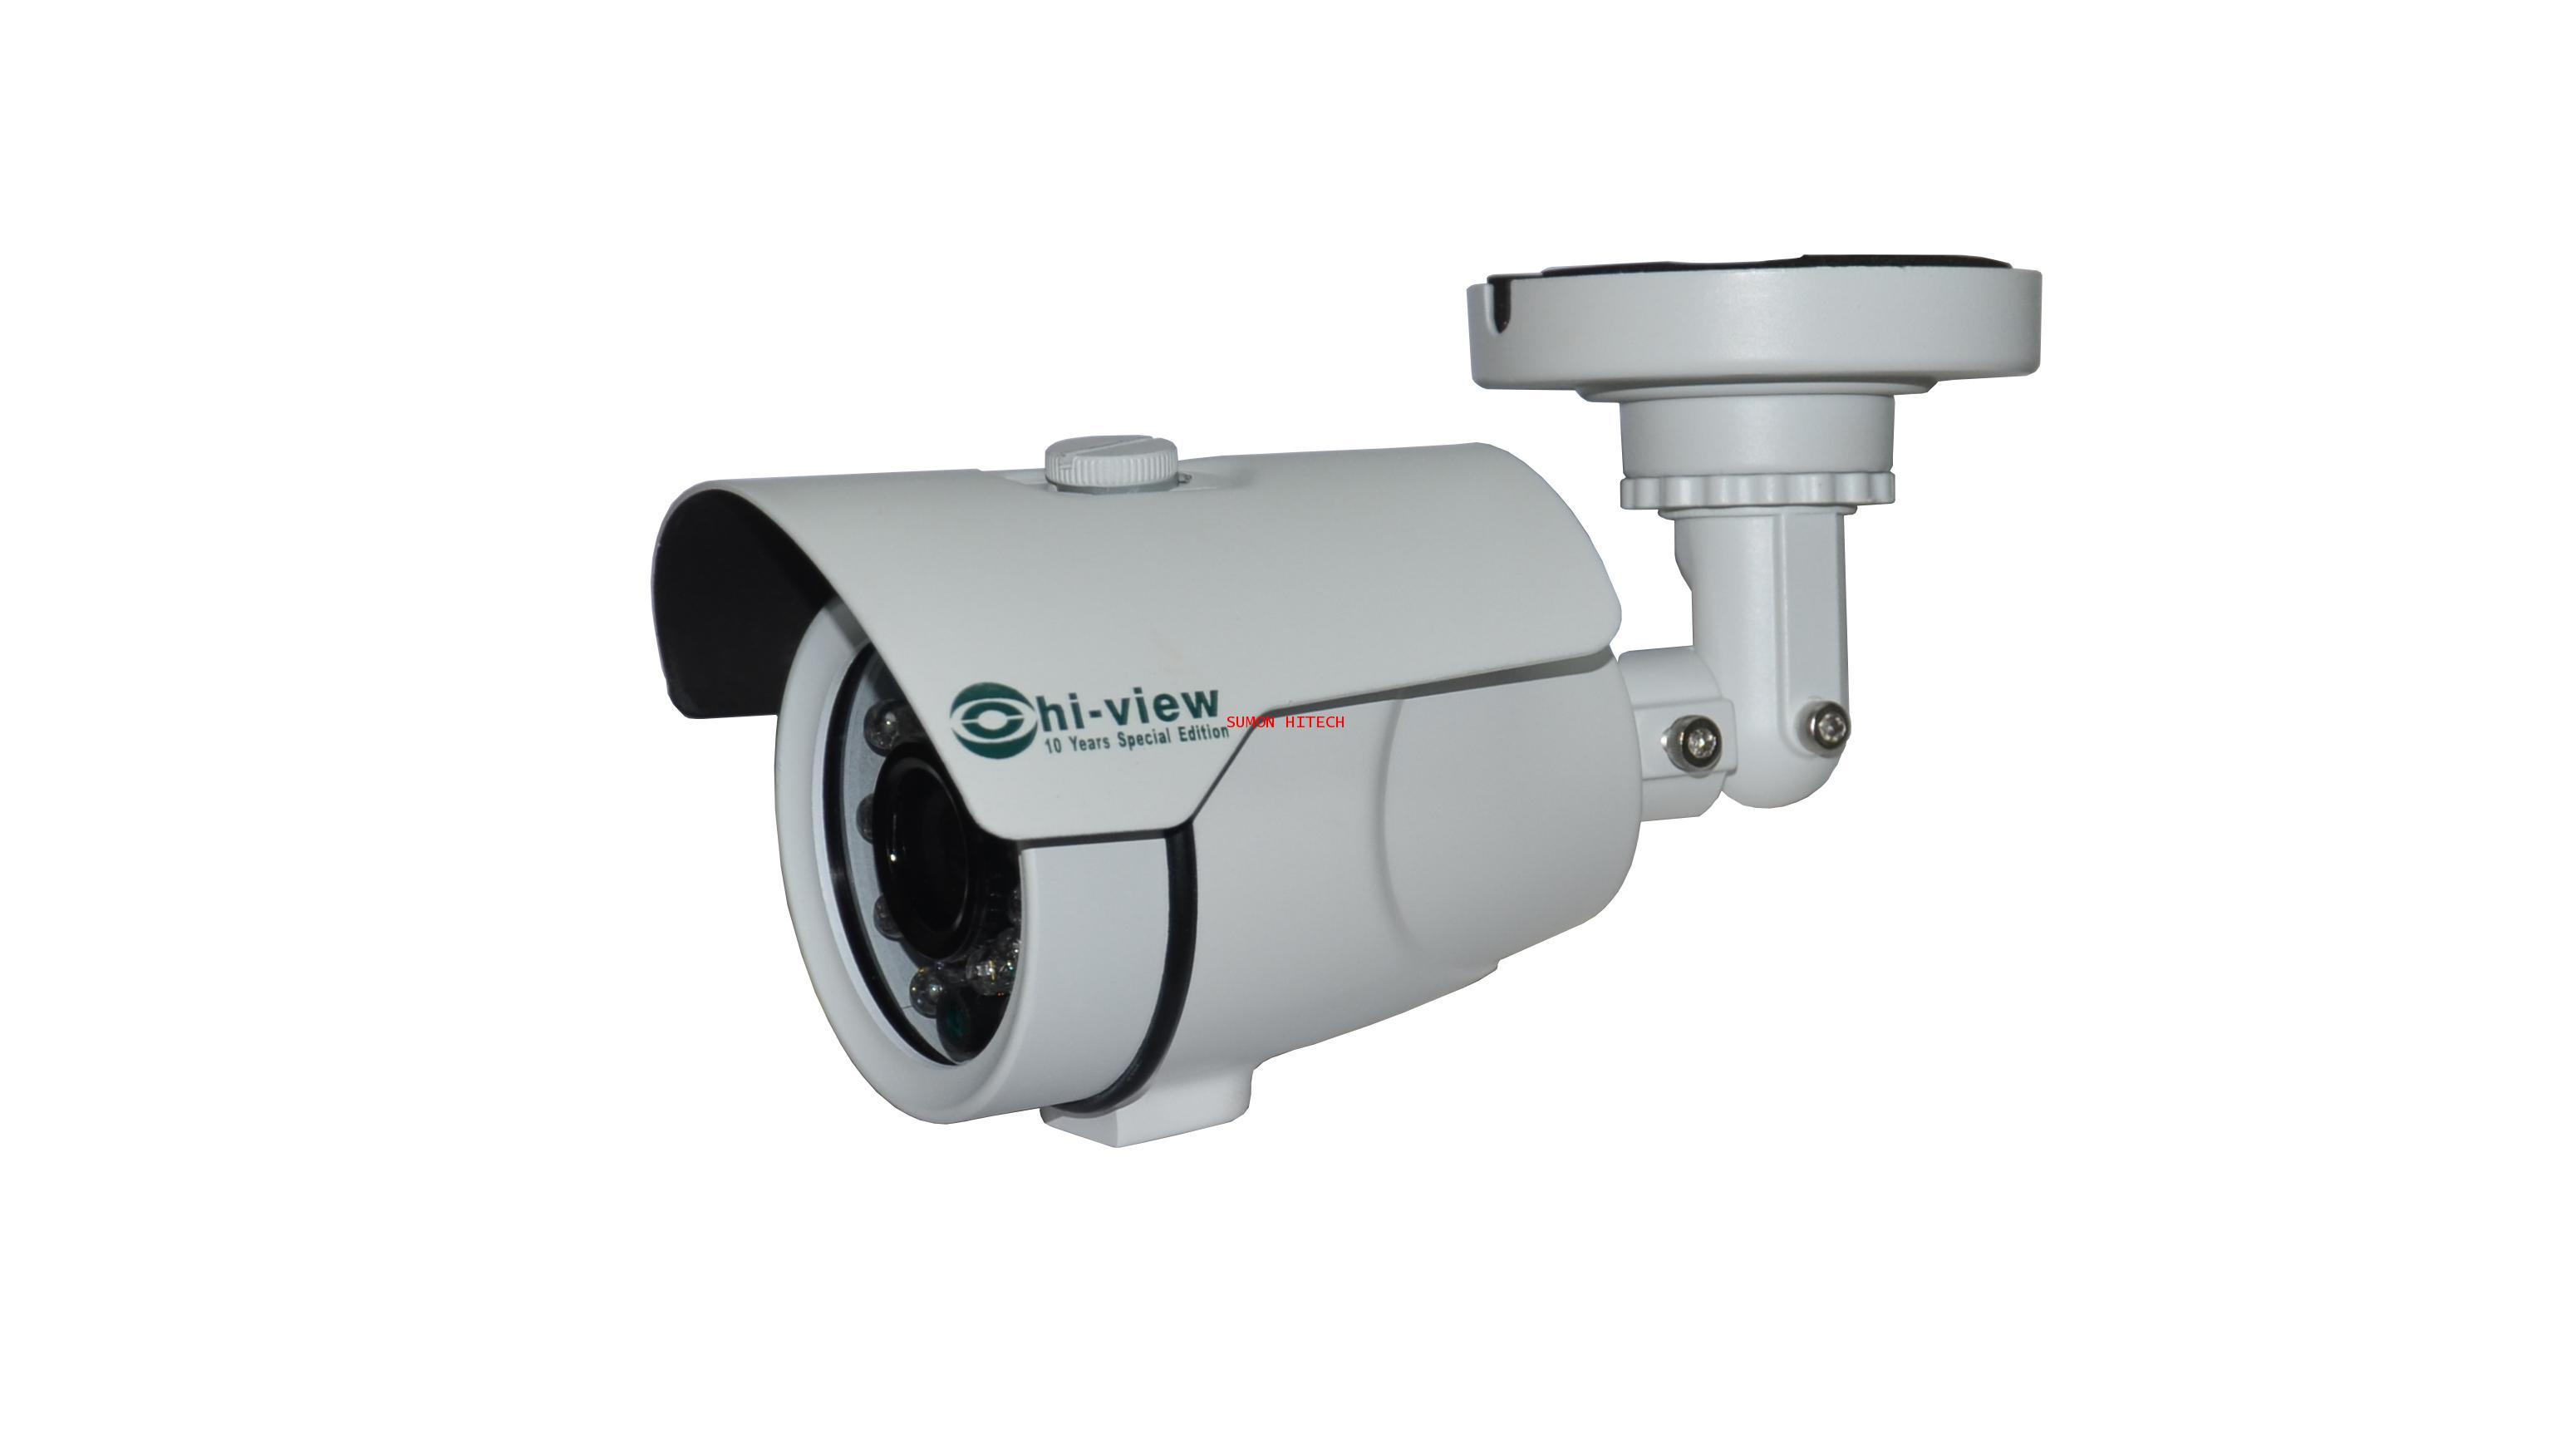 กล้องวงจรปิด Hi-view Hi-6351